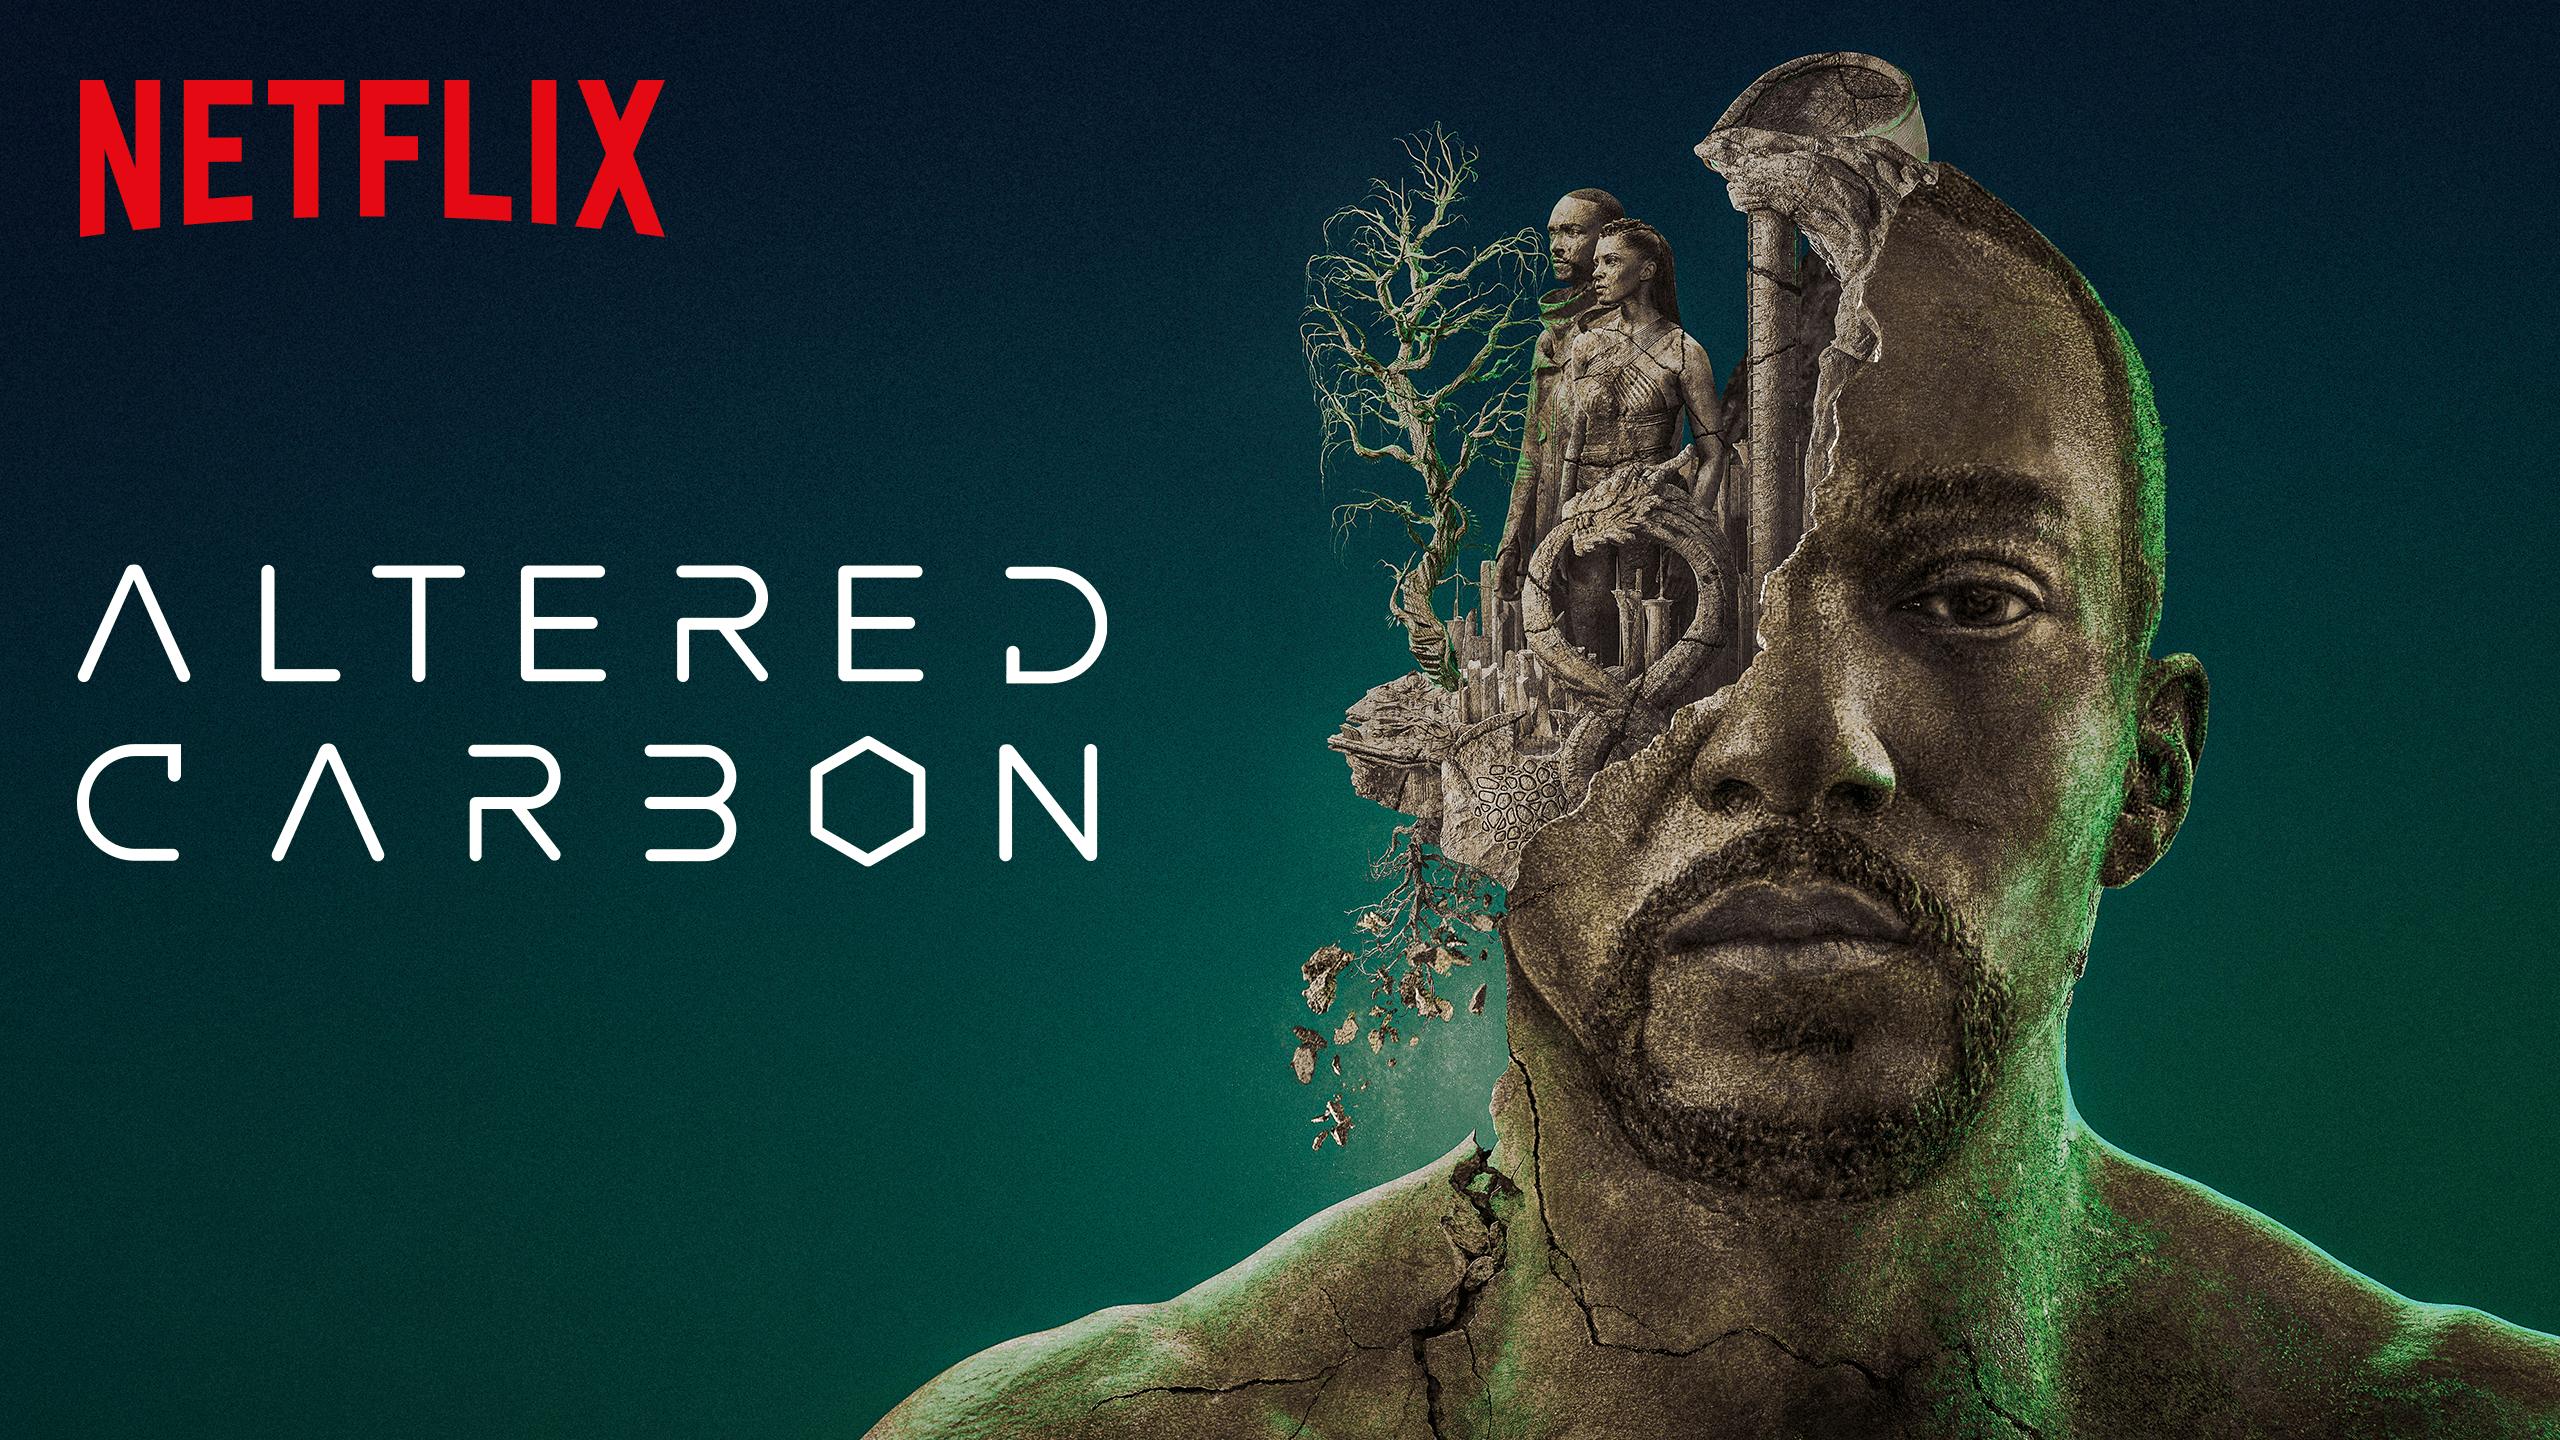 Netflix On Telus March 2020